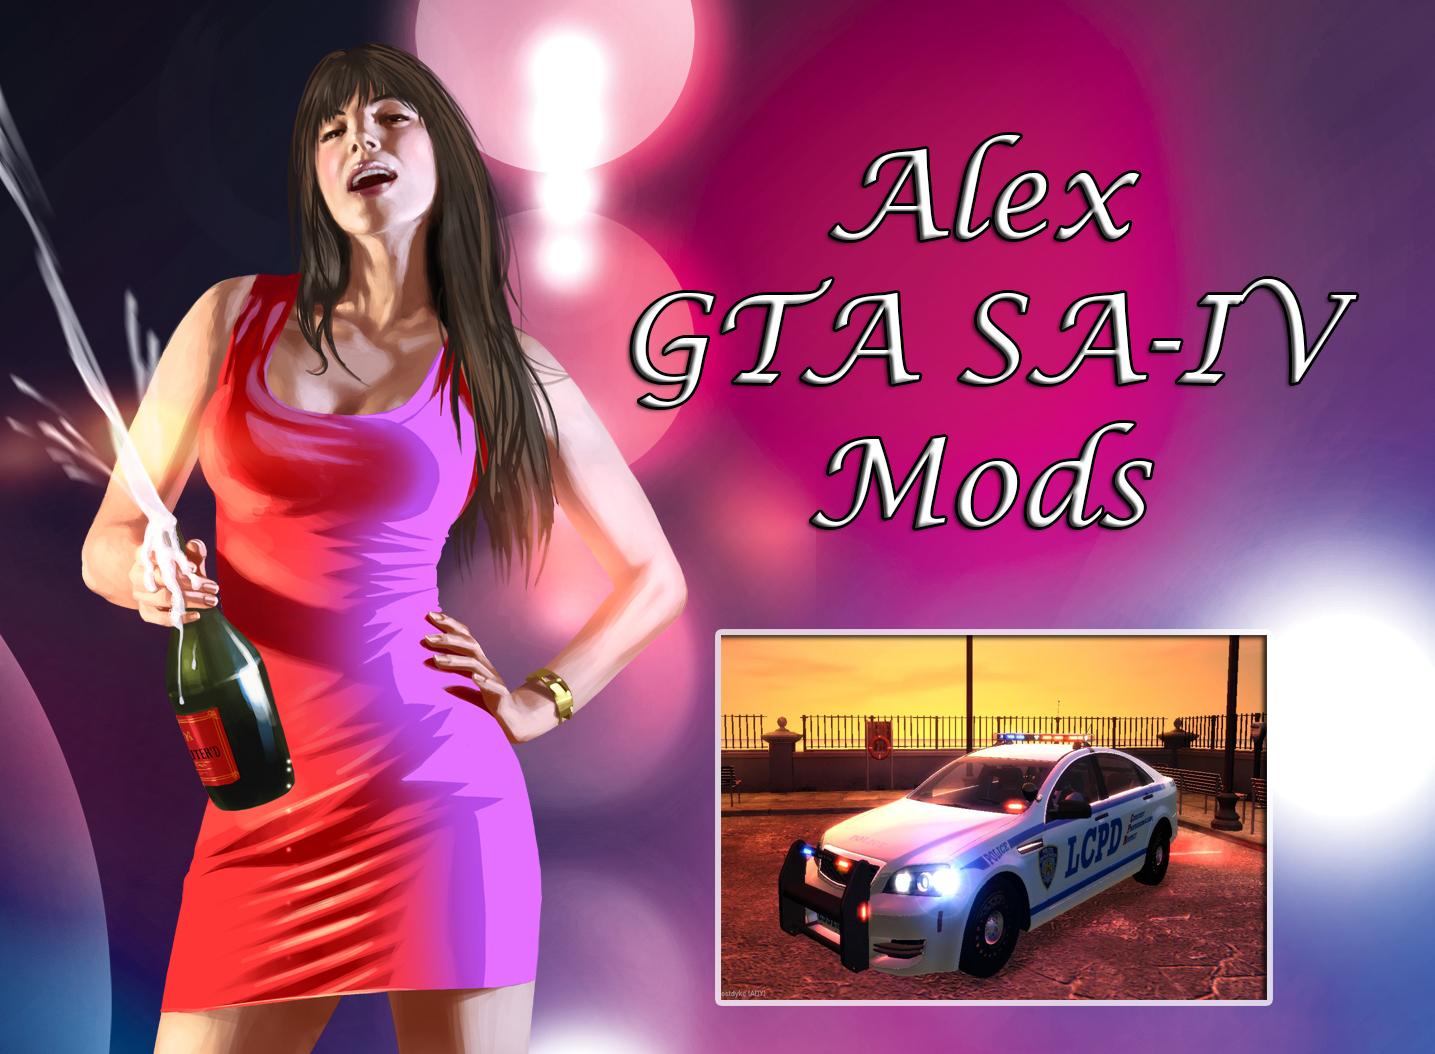 Alex GTA SA-IV Mods (Nuevo)